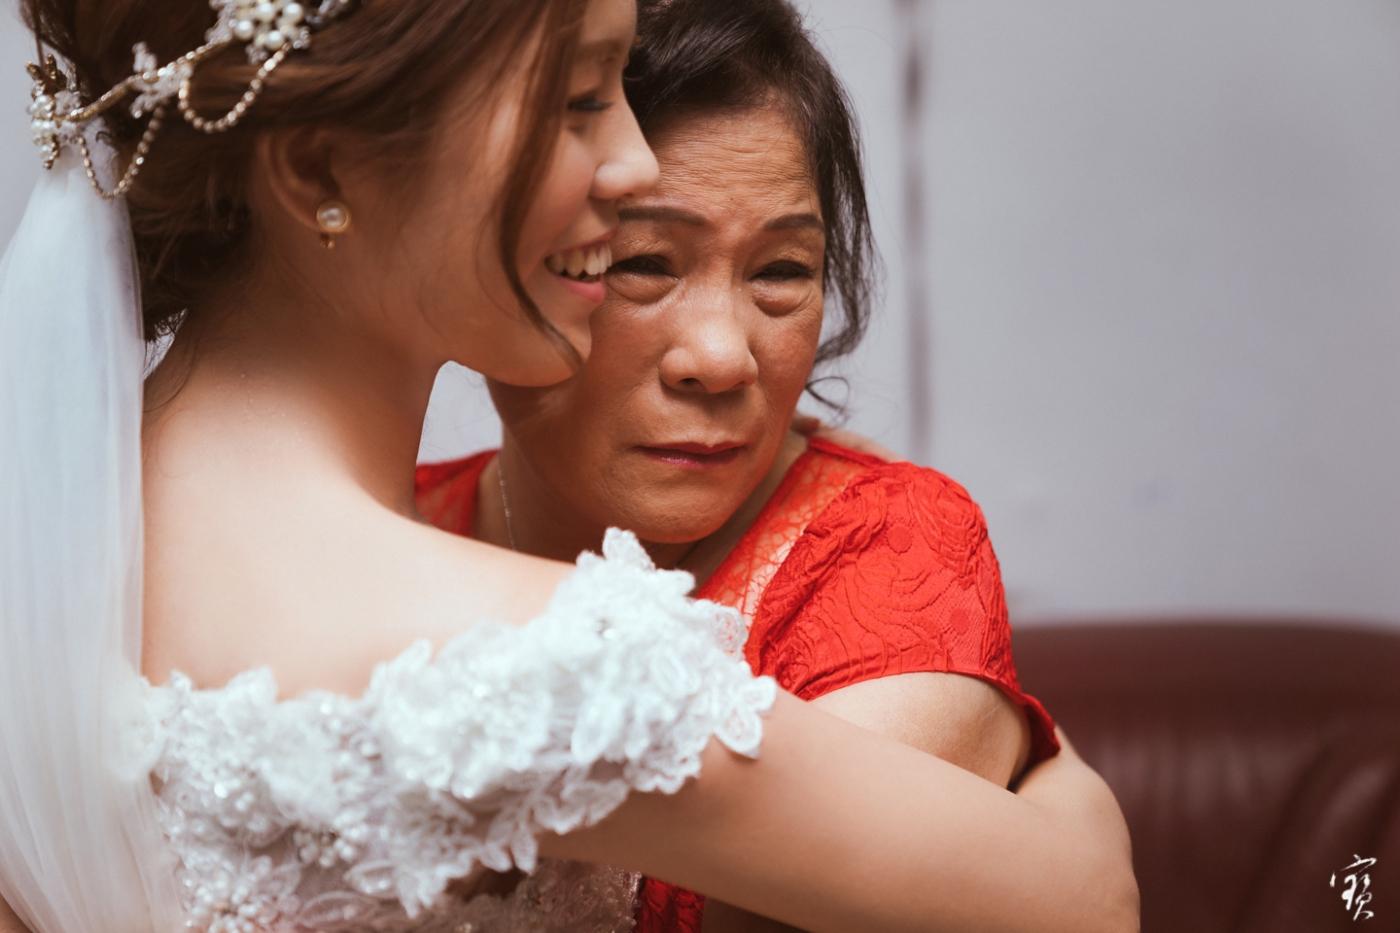 婚禮攝影 新竹彭園 冬伴影像 攝影師大寶 婚紗攝影 新娘新郎 早儀午宴20181125-98